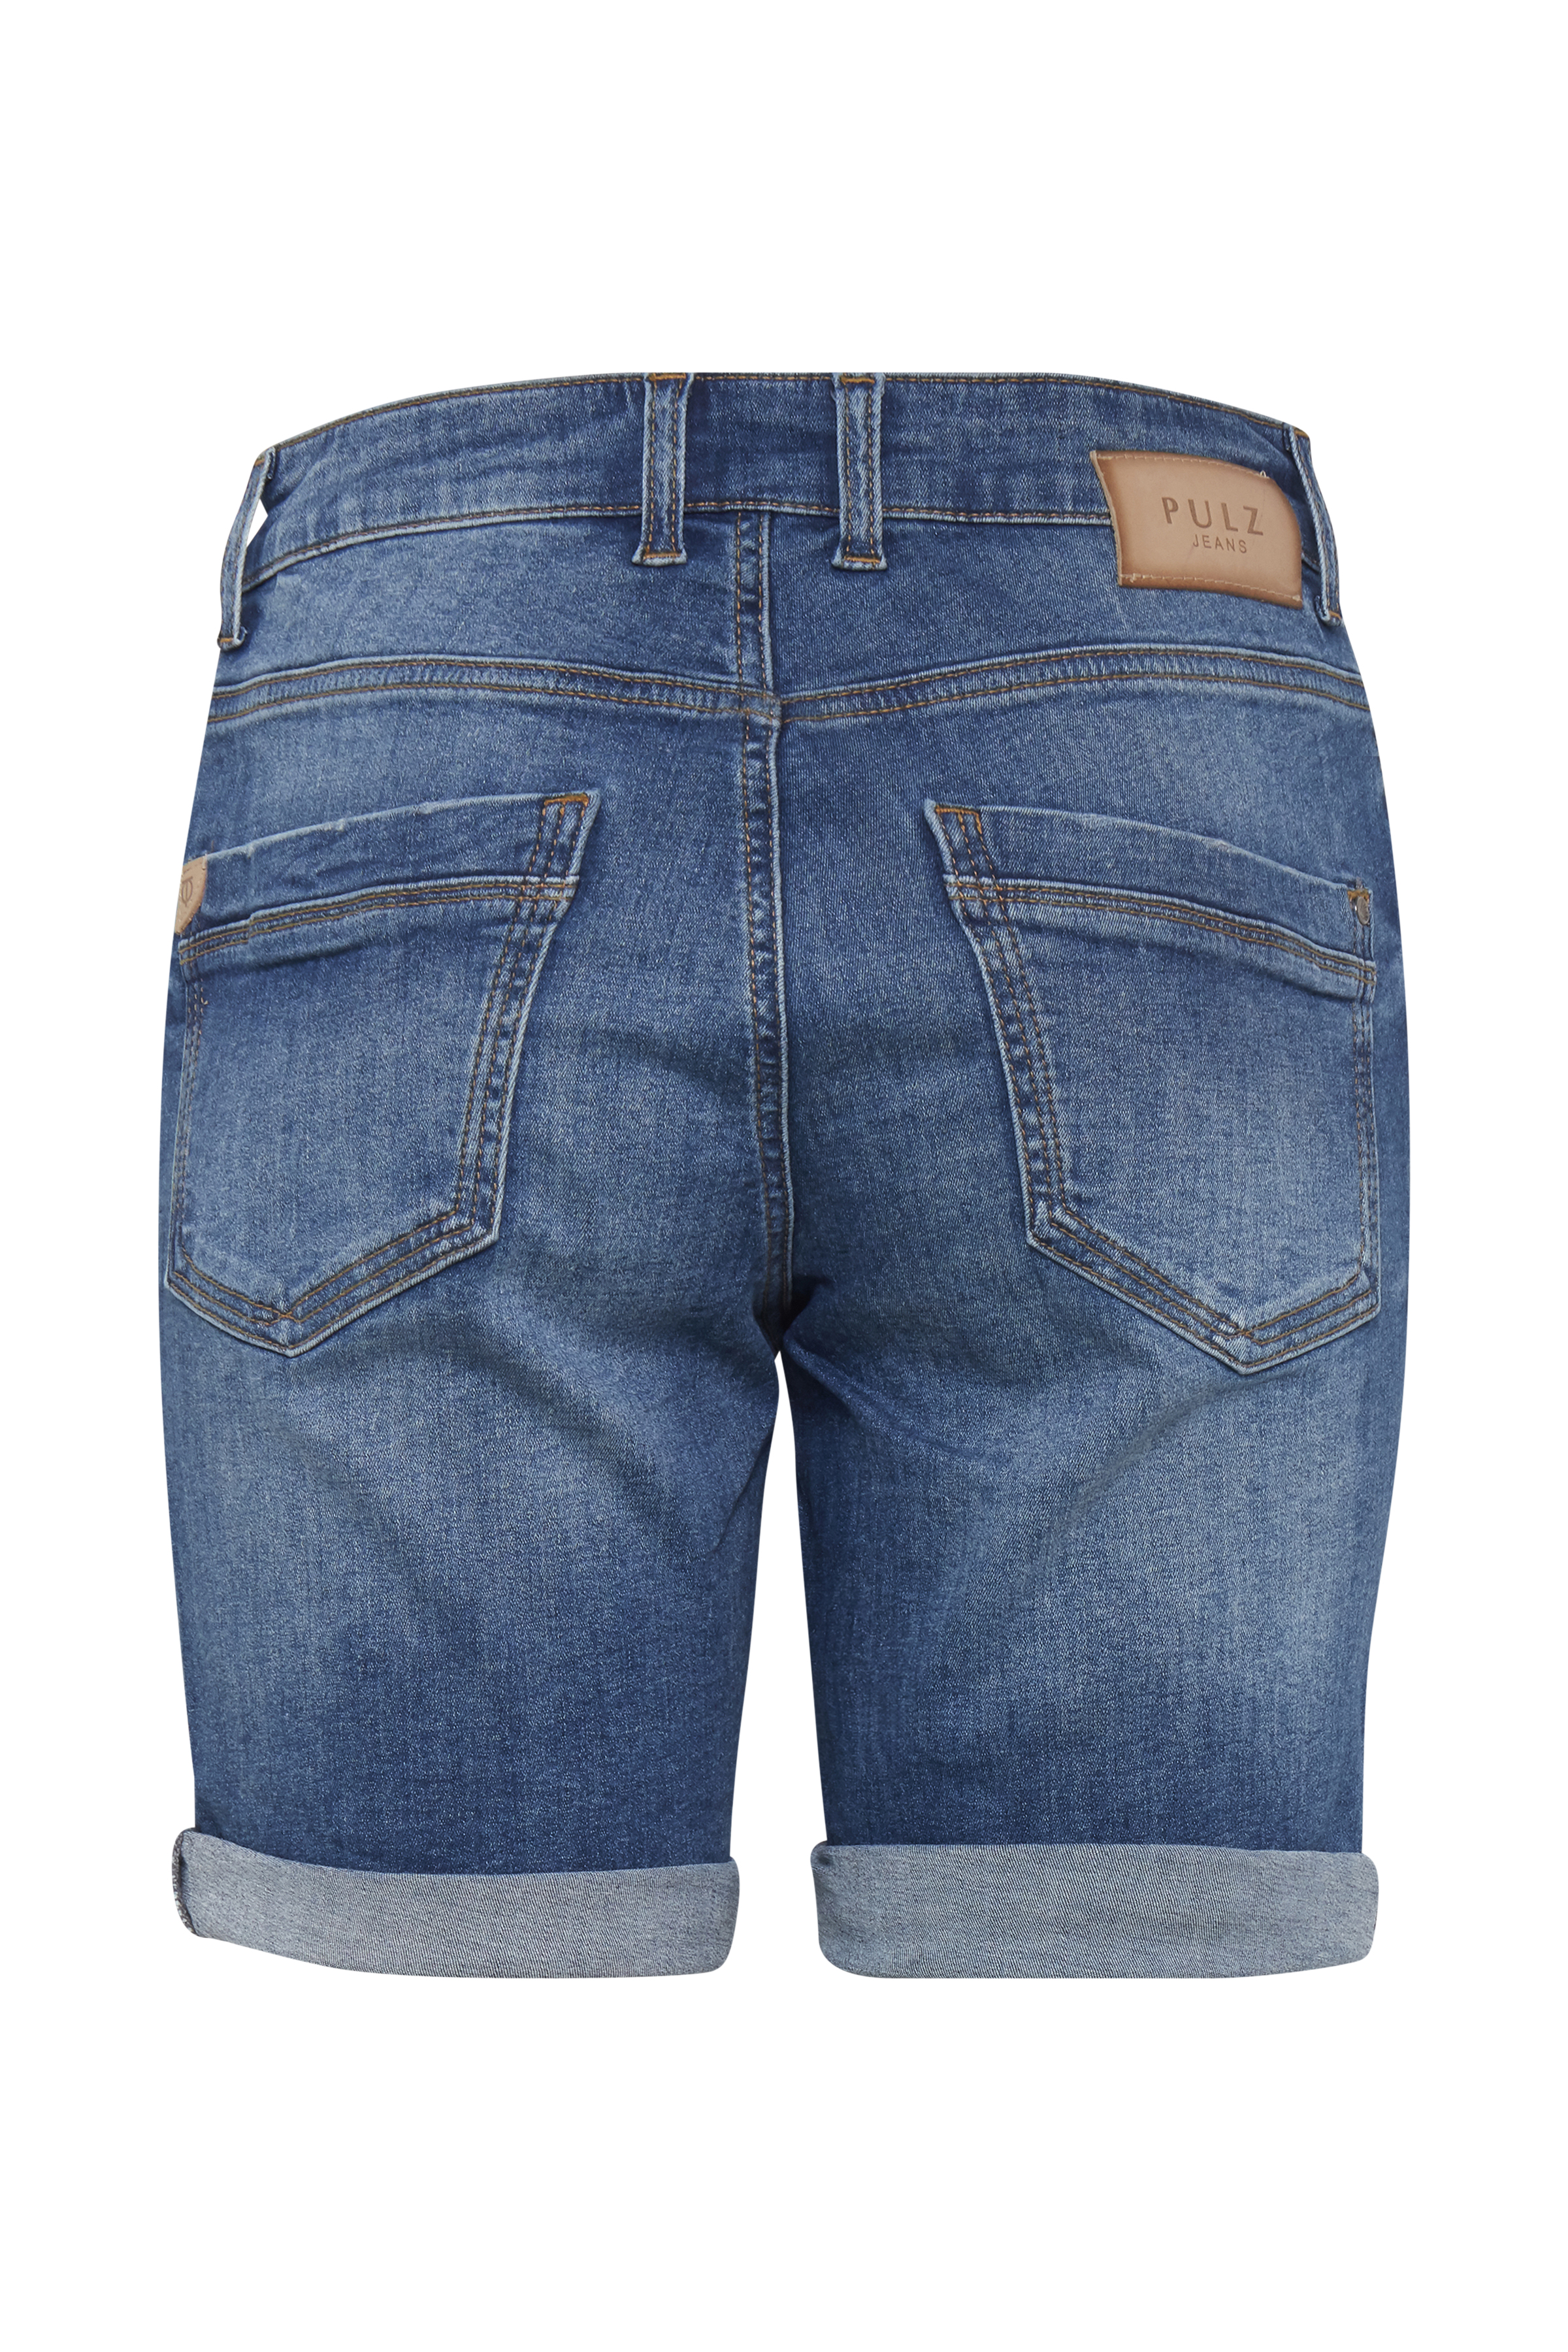 Denimblå Jeans fra Pulz Jeans – Køb Denimblå Jeans fra str. 25-35 her